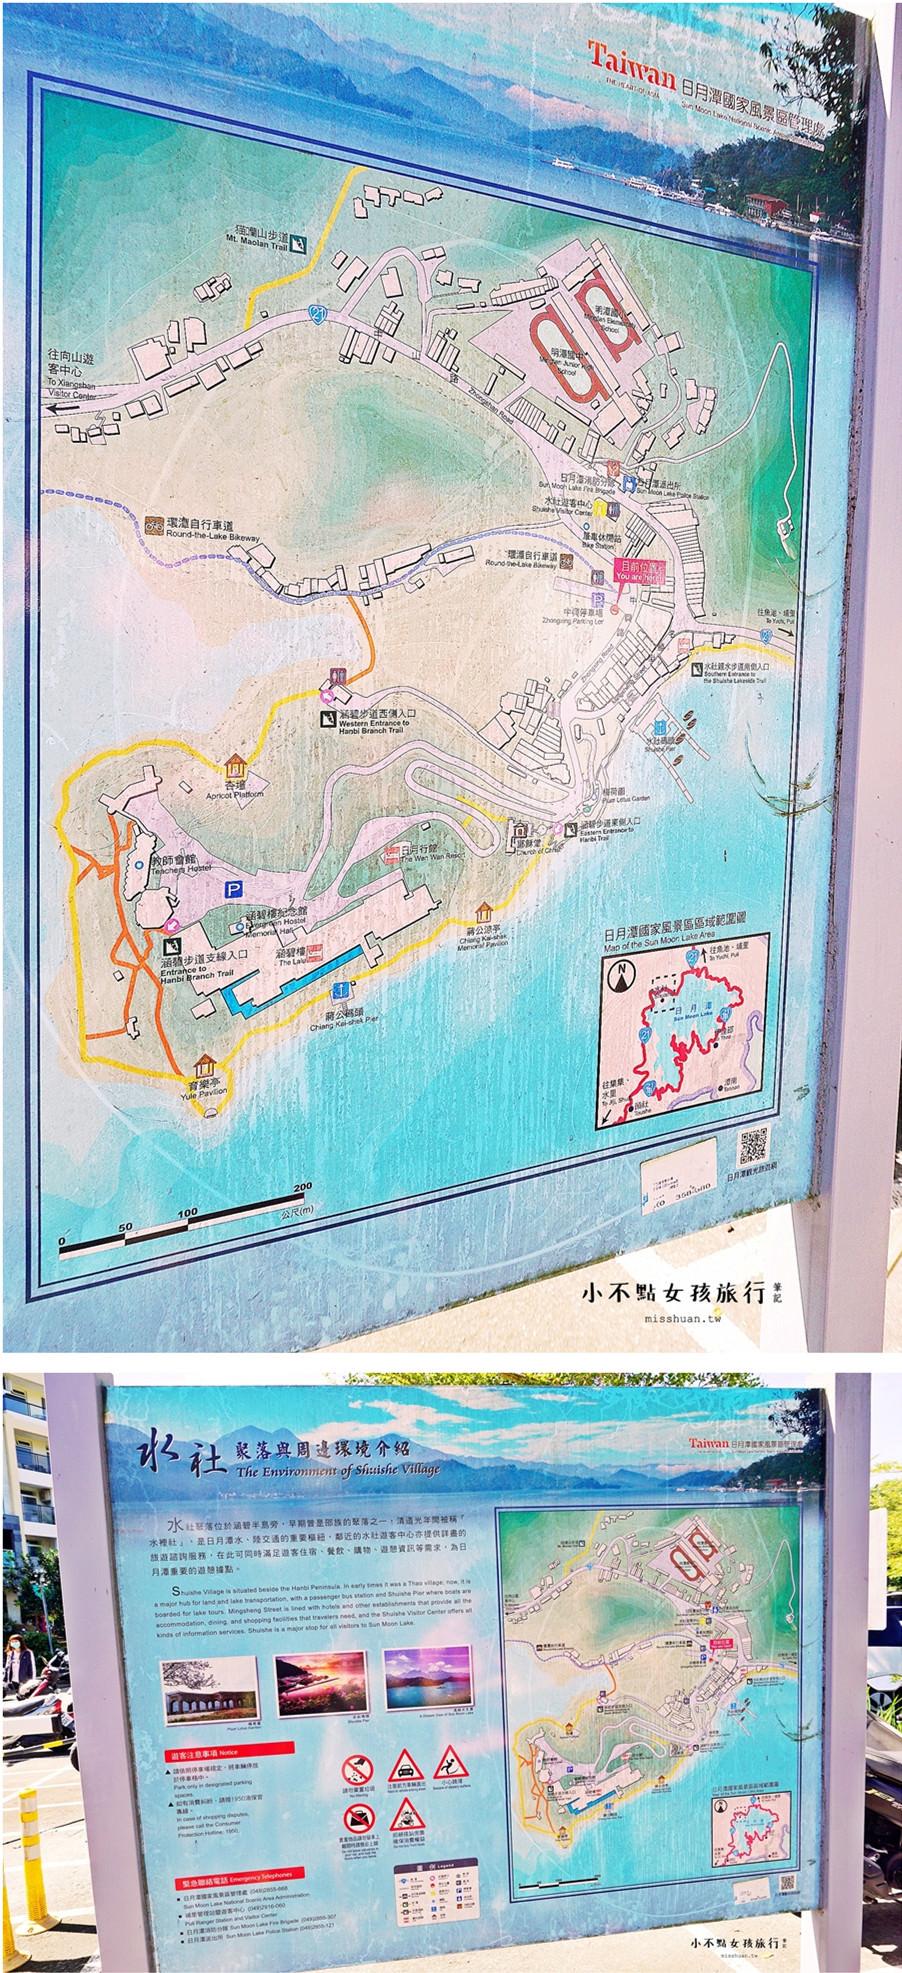 日月潭水社碼頭 中興停車場 碼頭遊艇